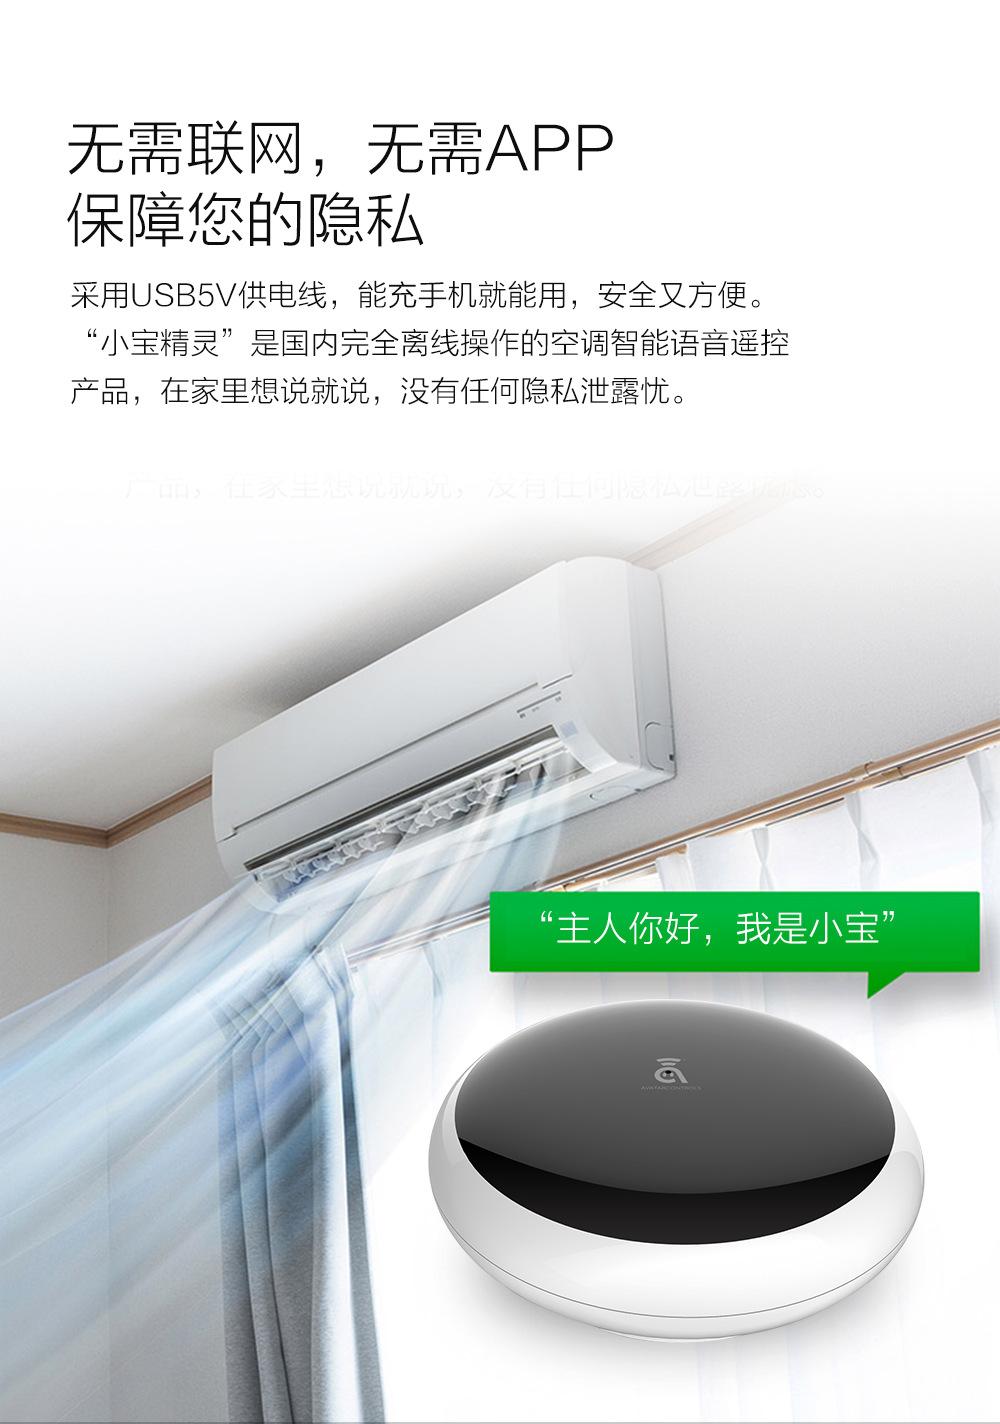 wifi伴侣_小宝精灵语音声控遥控器空调伴侣红外语音遥控器万能遥控器 - IT ...